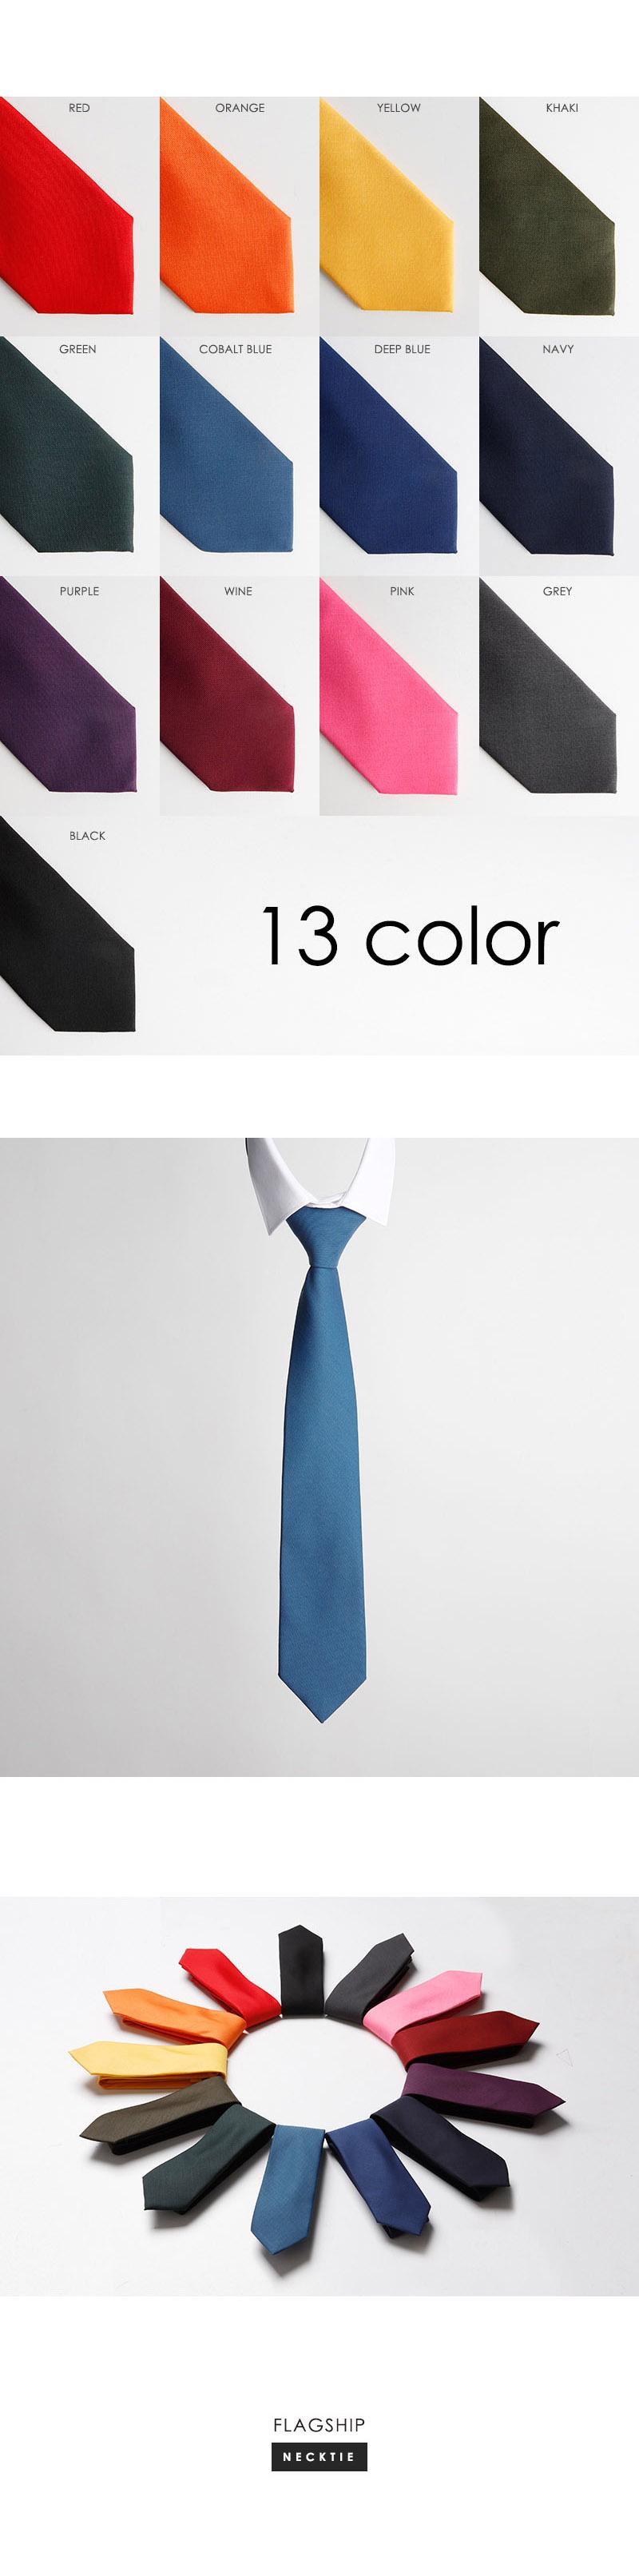 [플래그쉽] 심플리 비비드 넥타이 70mm [13컬러] (FLAGSHIP simply vivid tie)